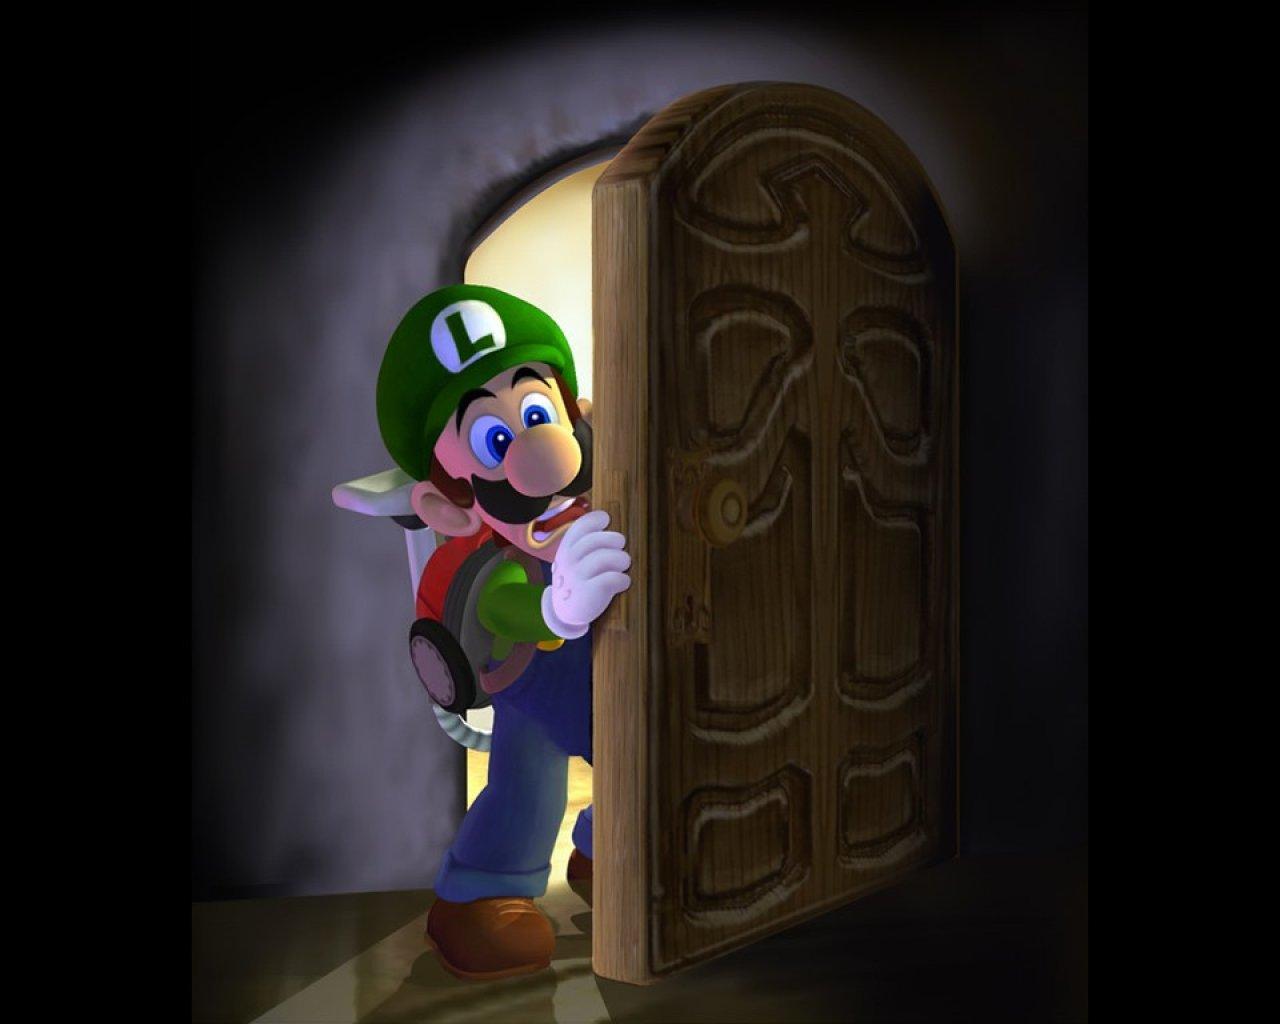 Luigis Mansion Wallpapers Download Luigis Mansion